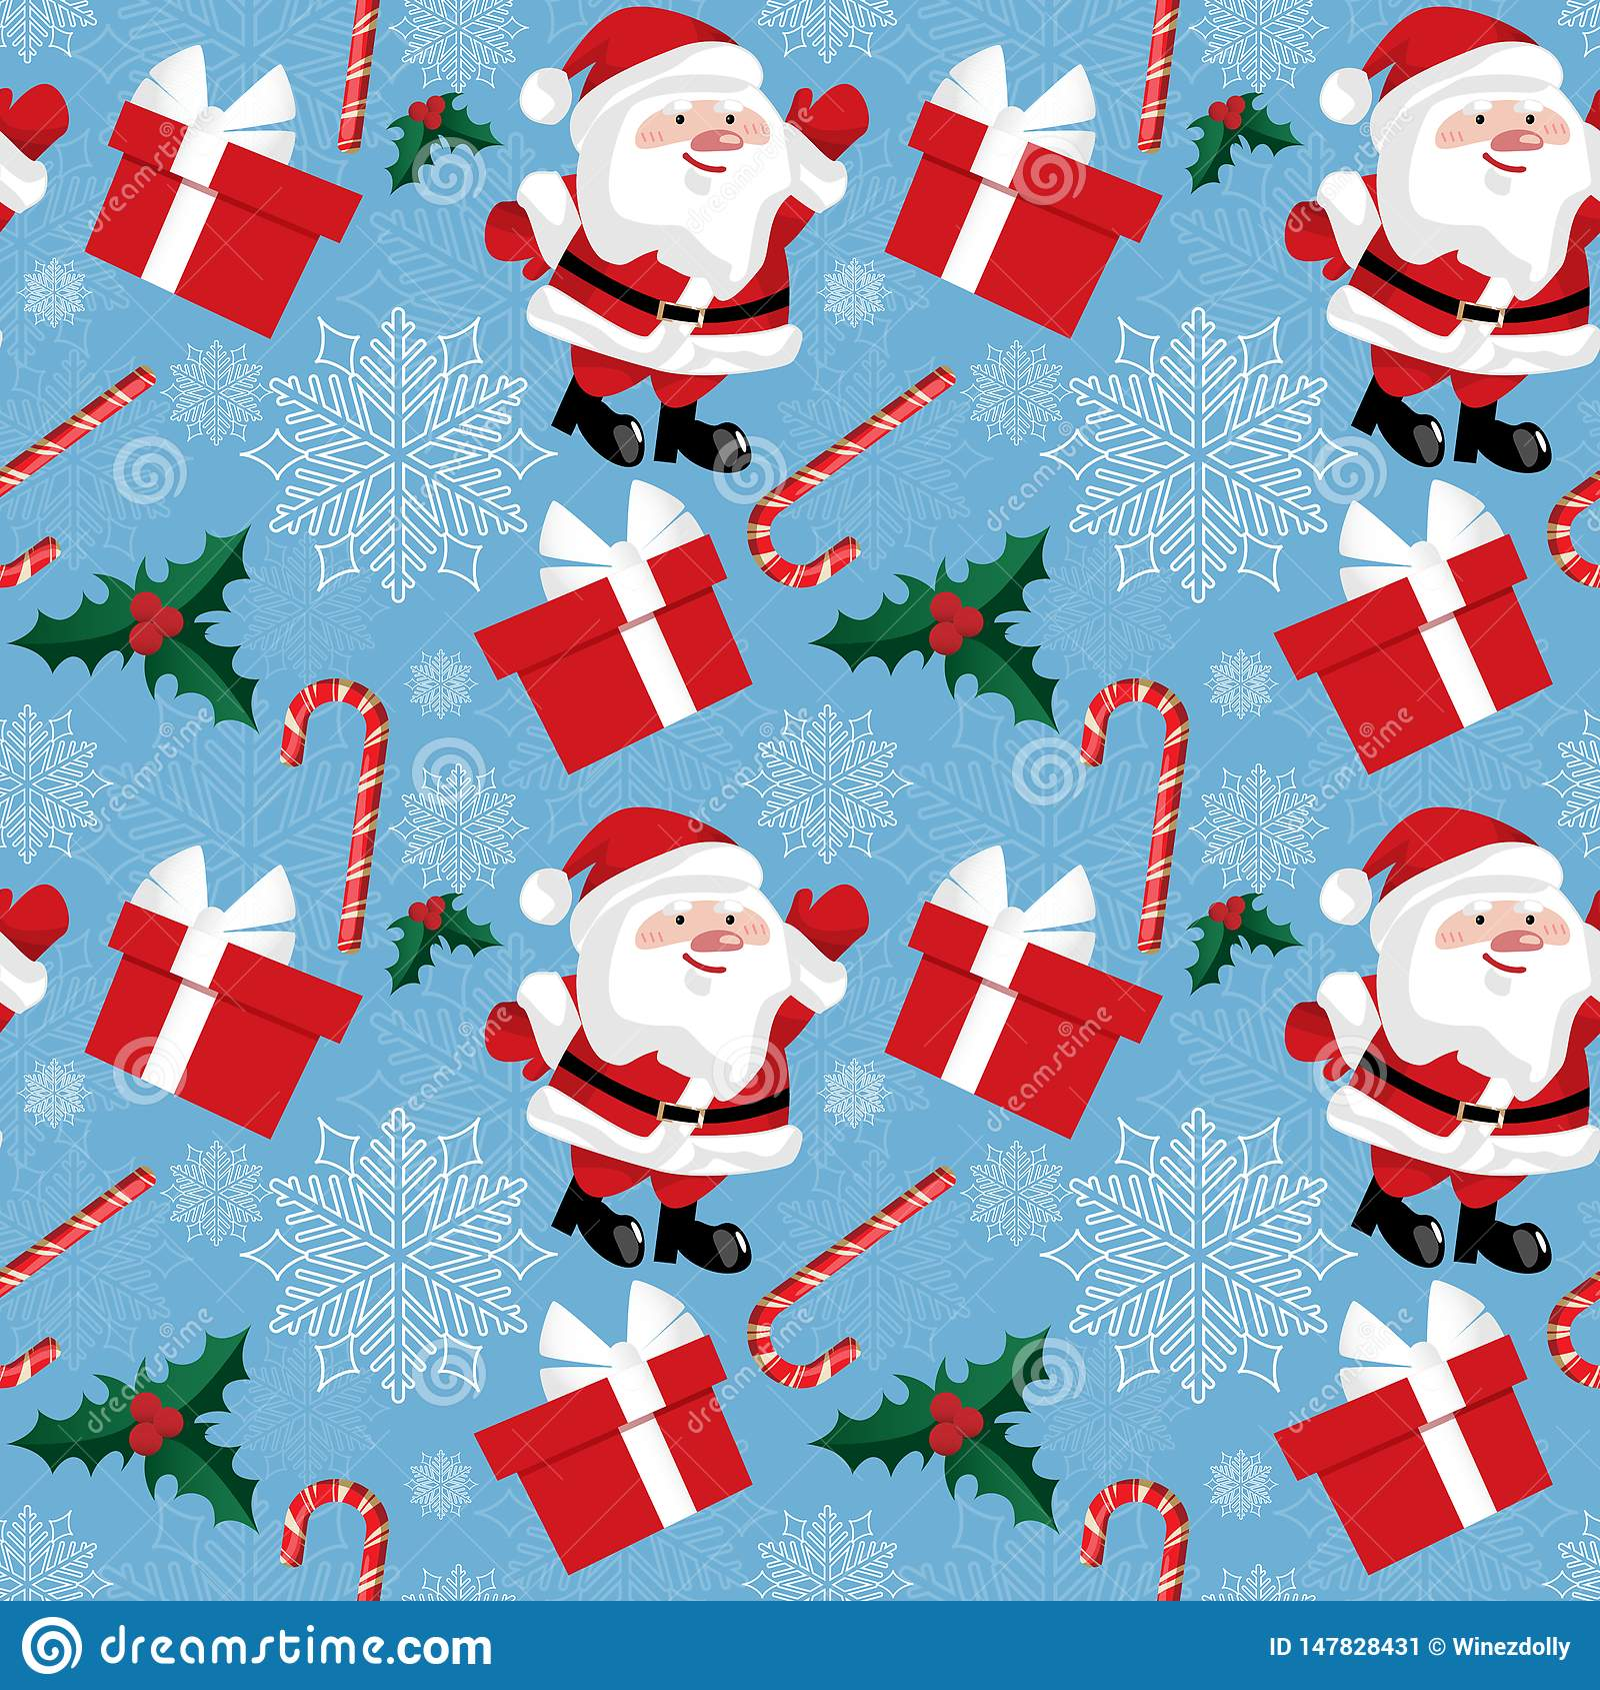 Άνευ ραφής σχέδιο περιόδου διακοπών Χριστουγέννων με Άγιο Βασίλη με τη νιφάδα χιονιού, τους καλάμους καραμελών, τα μούρα ελαιόπρι